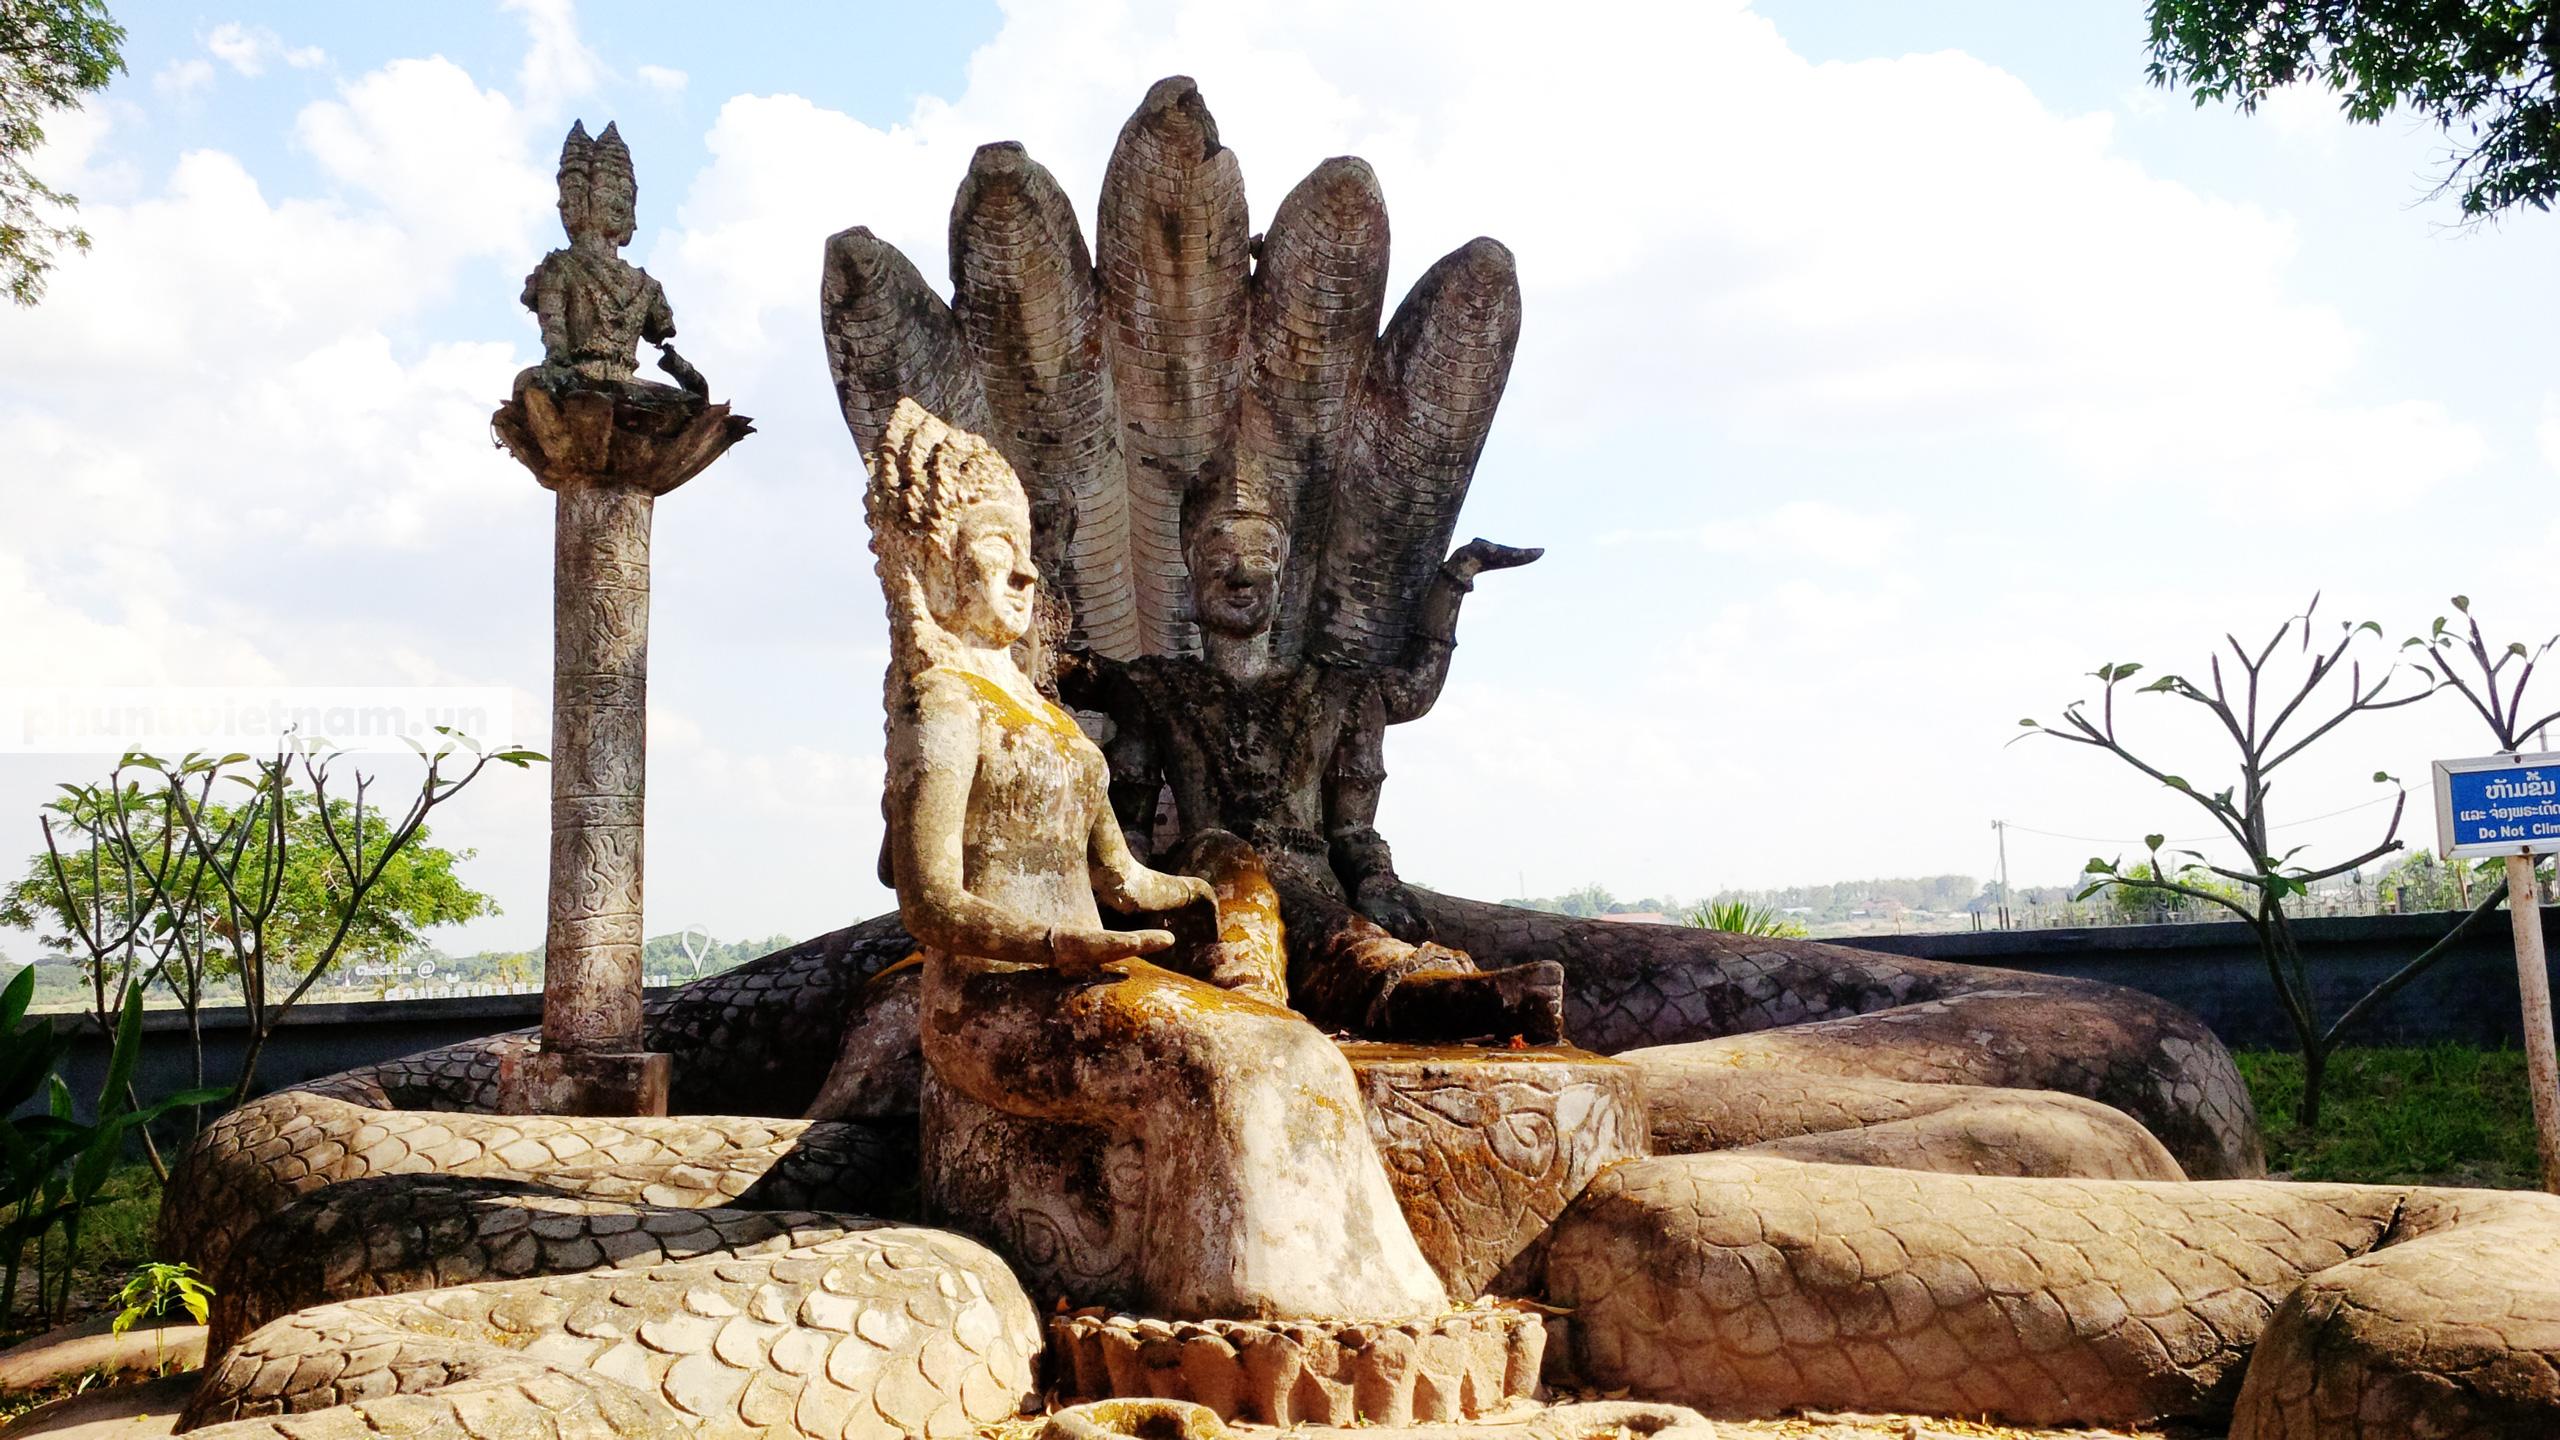 Độc đáo những bức tượng rắn trong các ngôi chùa ở Thủ đô Viêng Chăn - Ảnh 8.